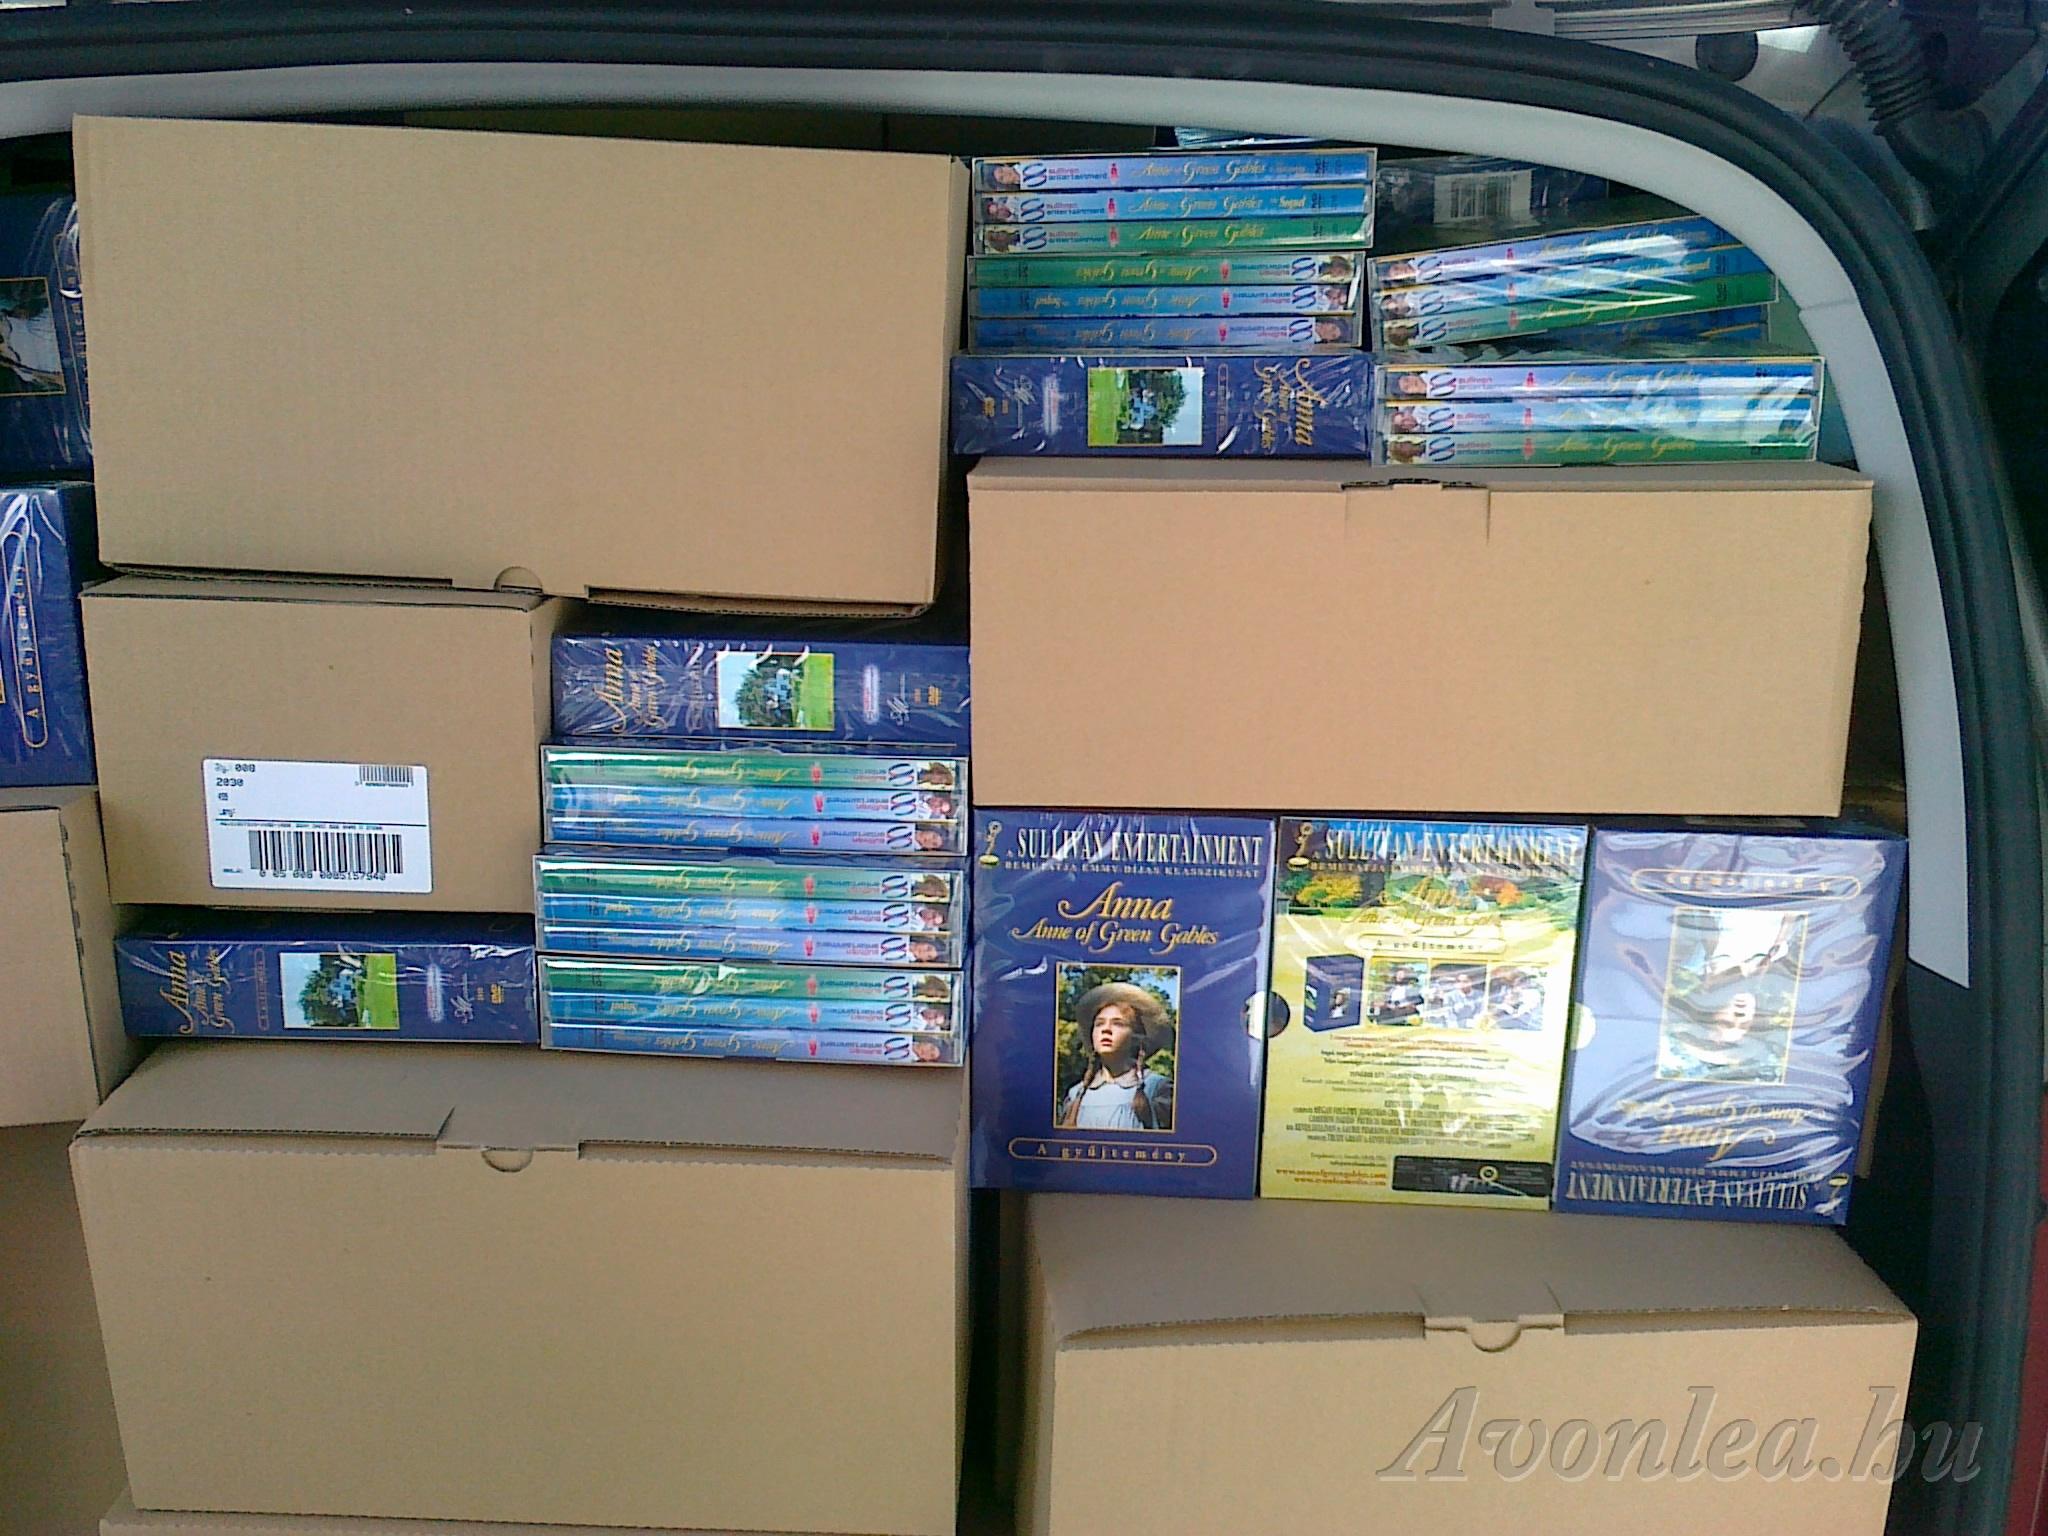 Az Anna DVD-csomagok 2010. szeptember 20-án úton Magyarország felé az ausztriai Sony DADC gyárból